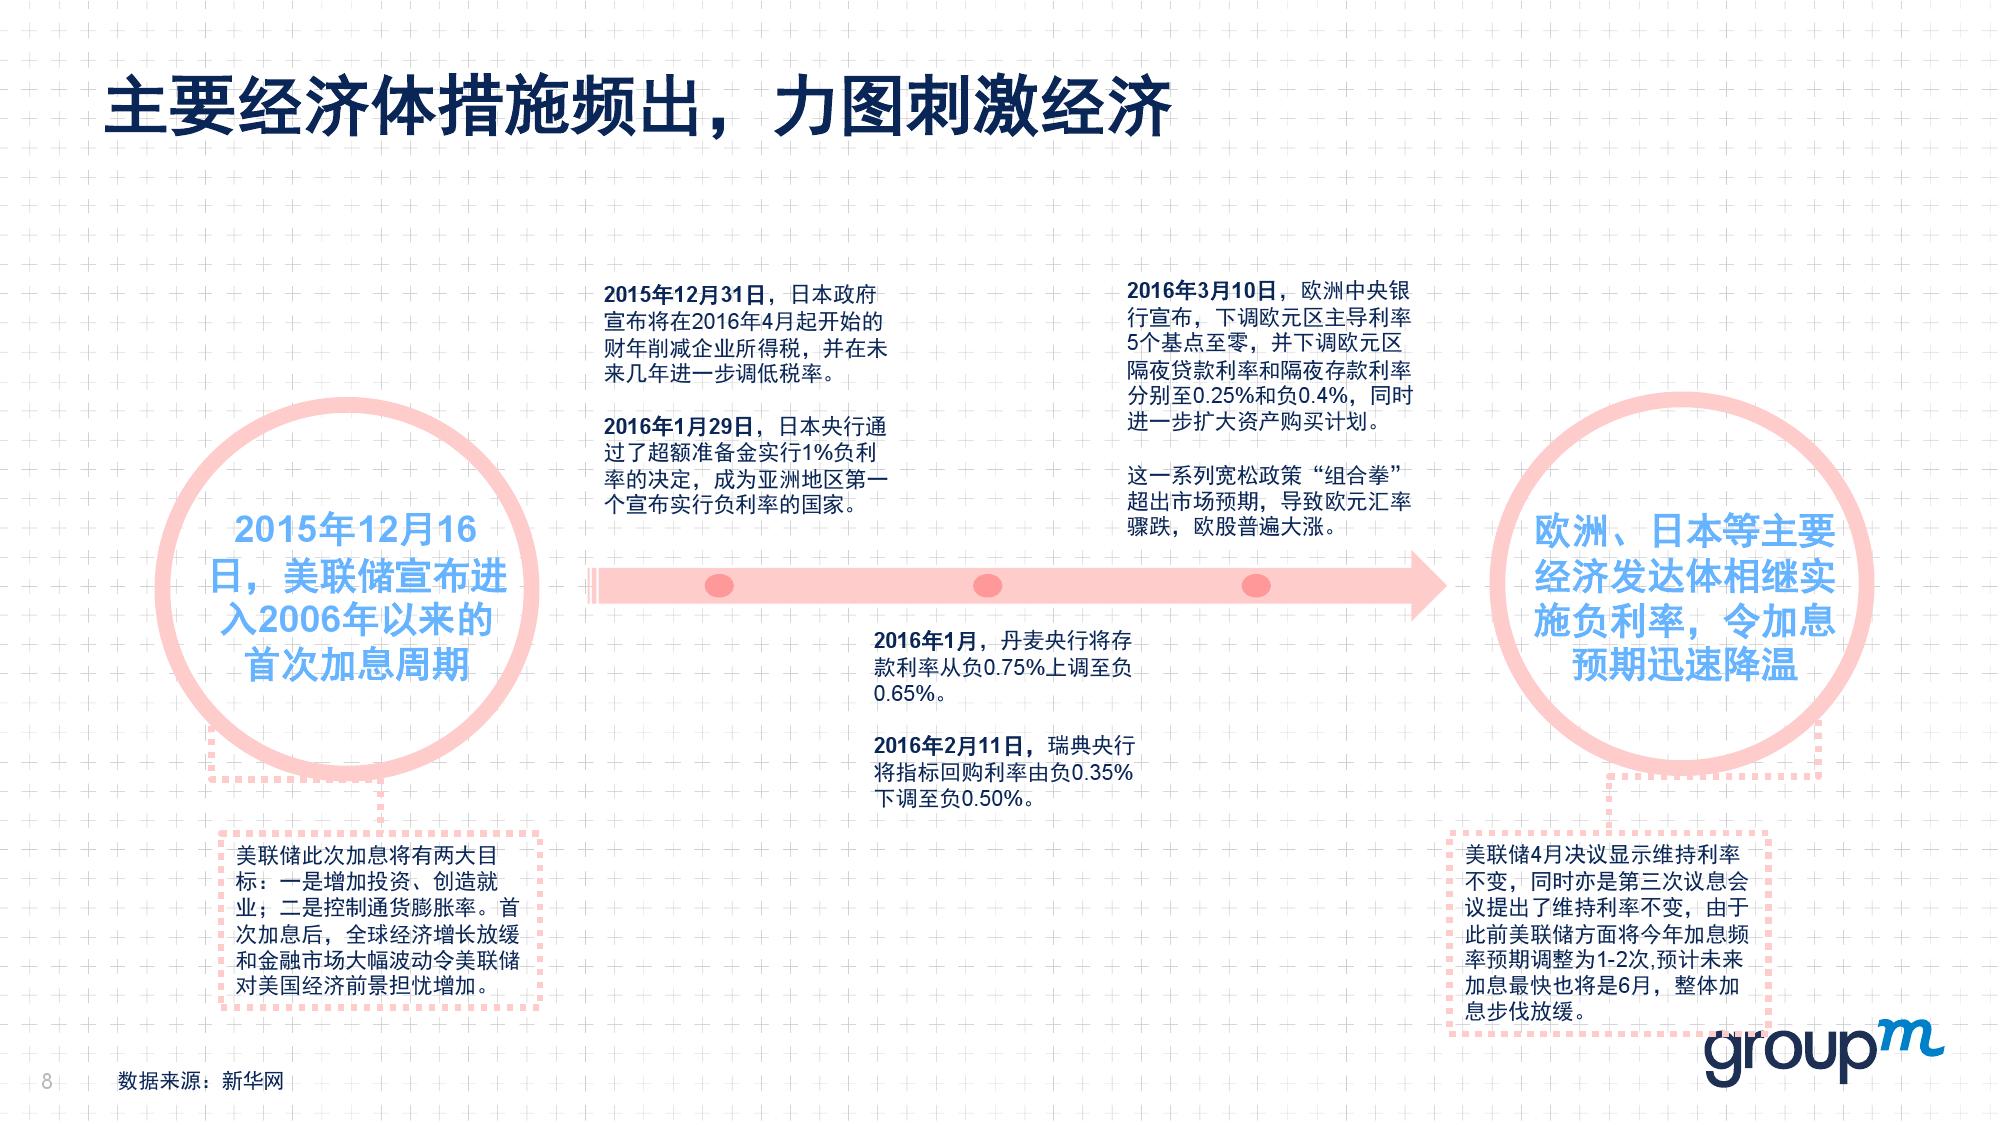 赢在中国2016:从需求刺激转向供给侧改革_000008